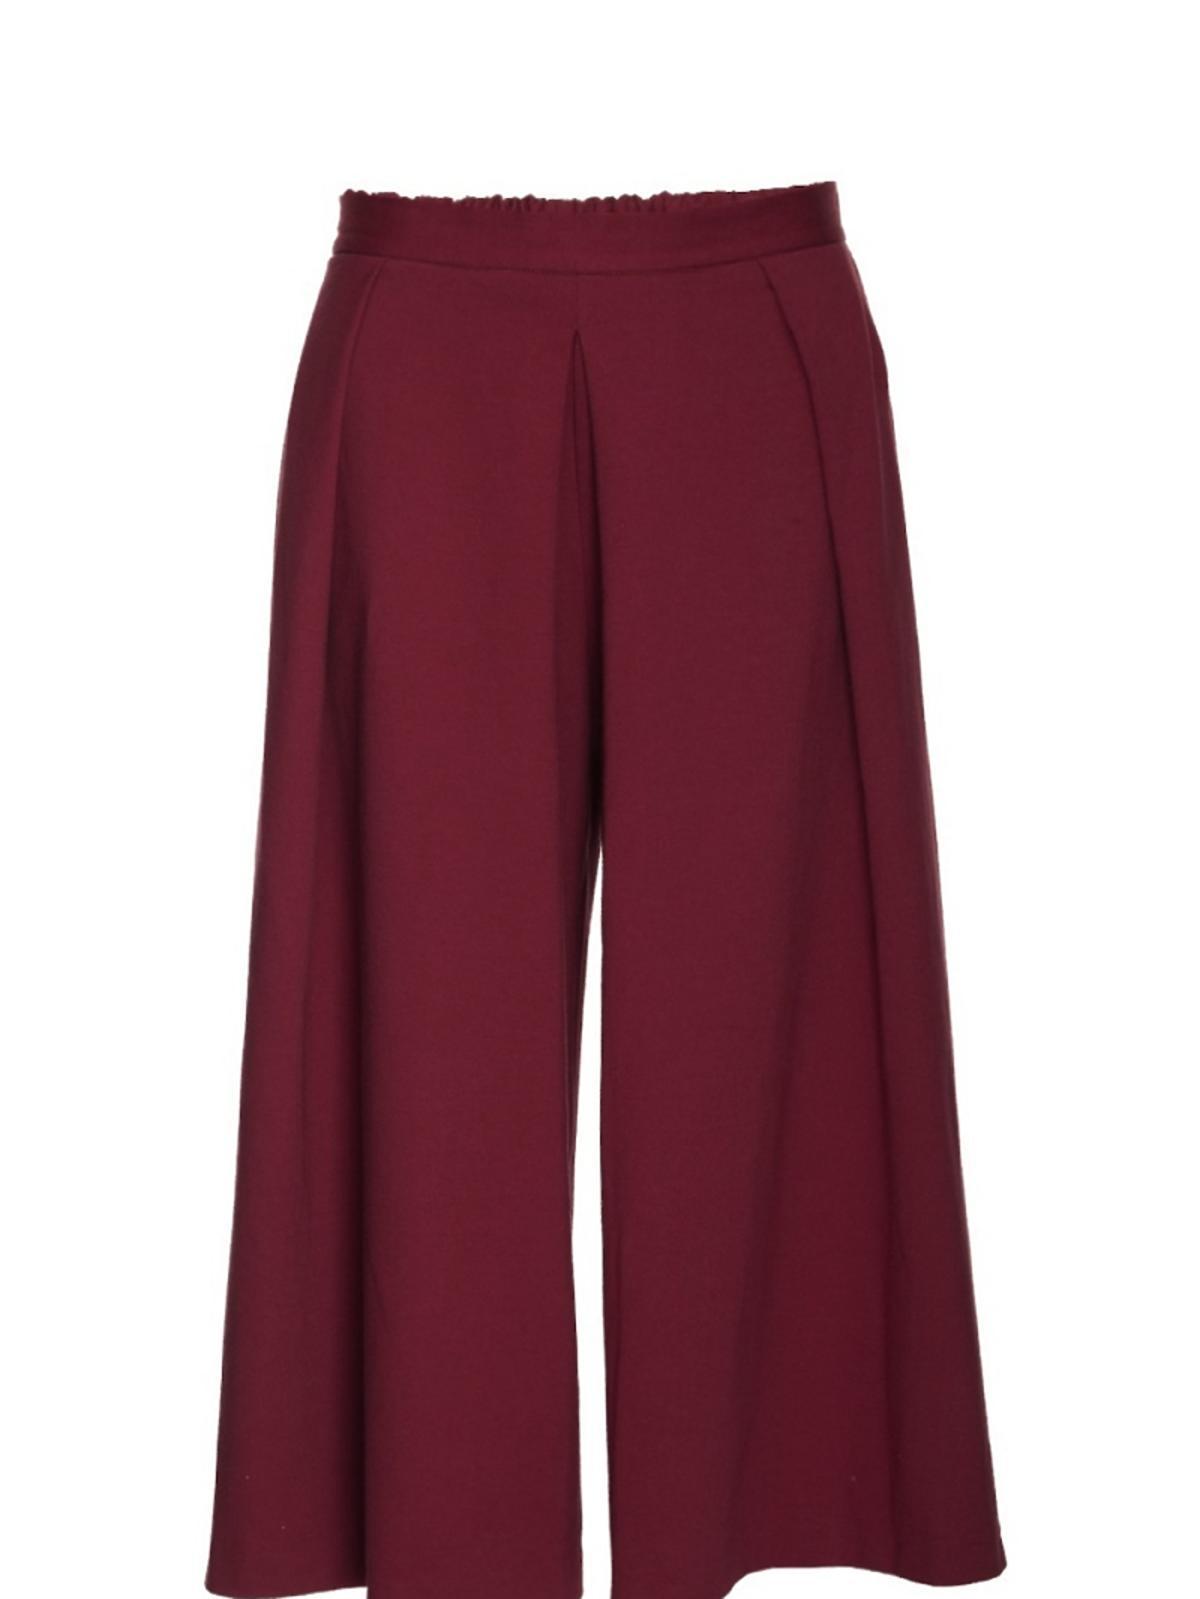 bordowe spódnicospodnie